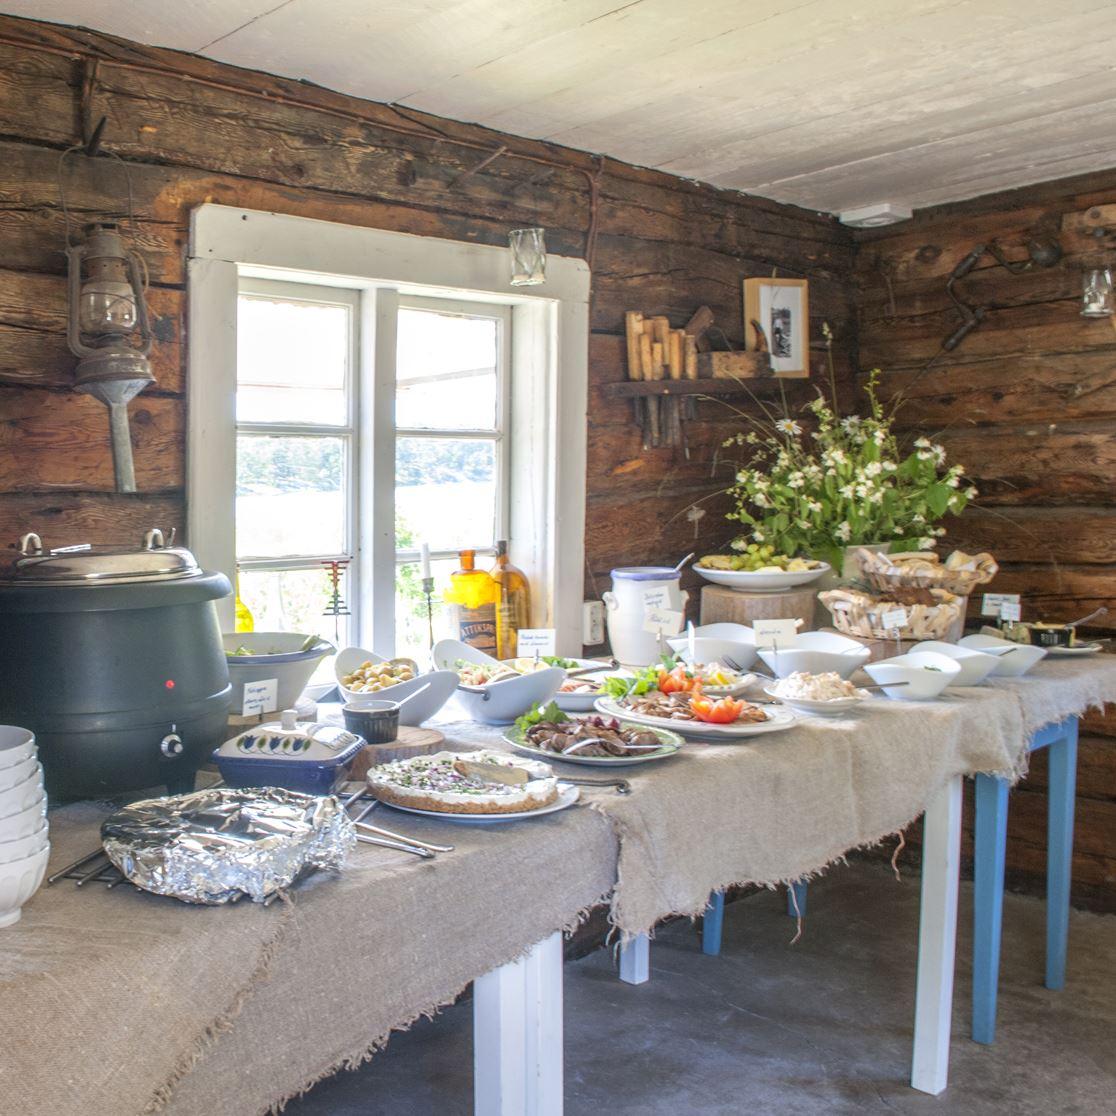 Archipelago buffet at Restaurant Sjökanten, Hasselö